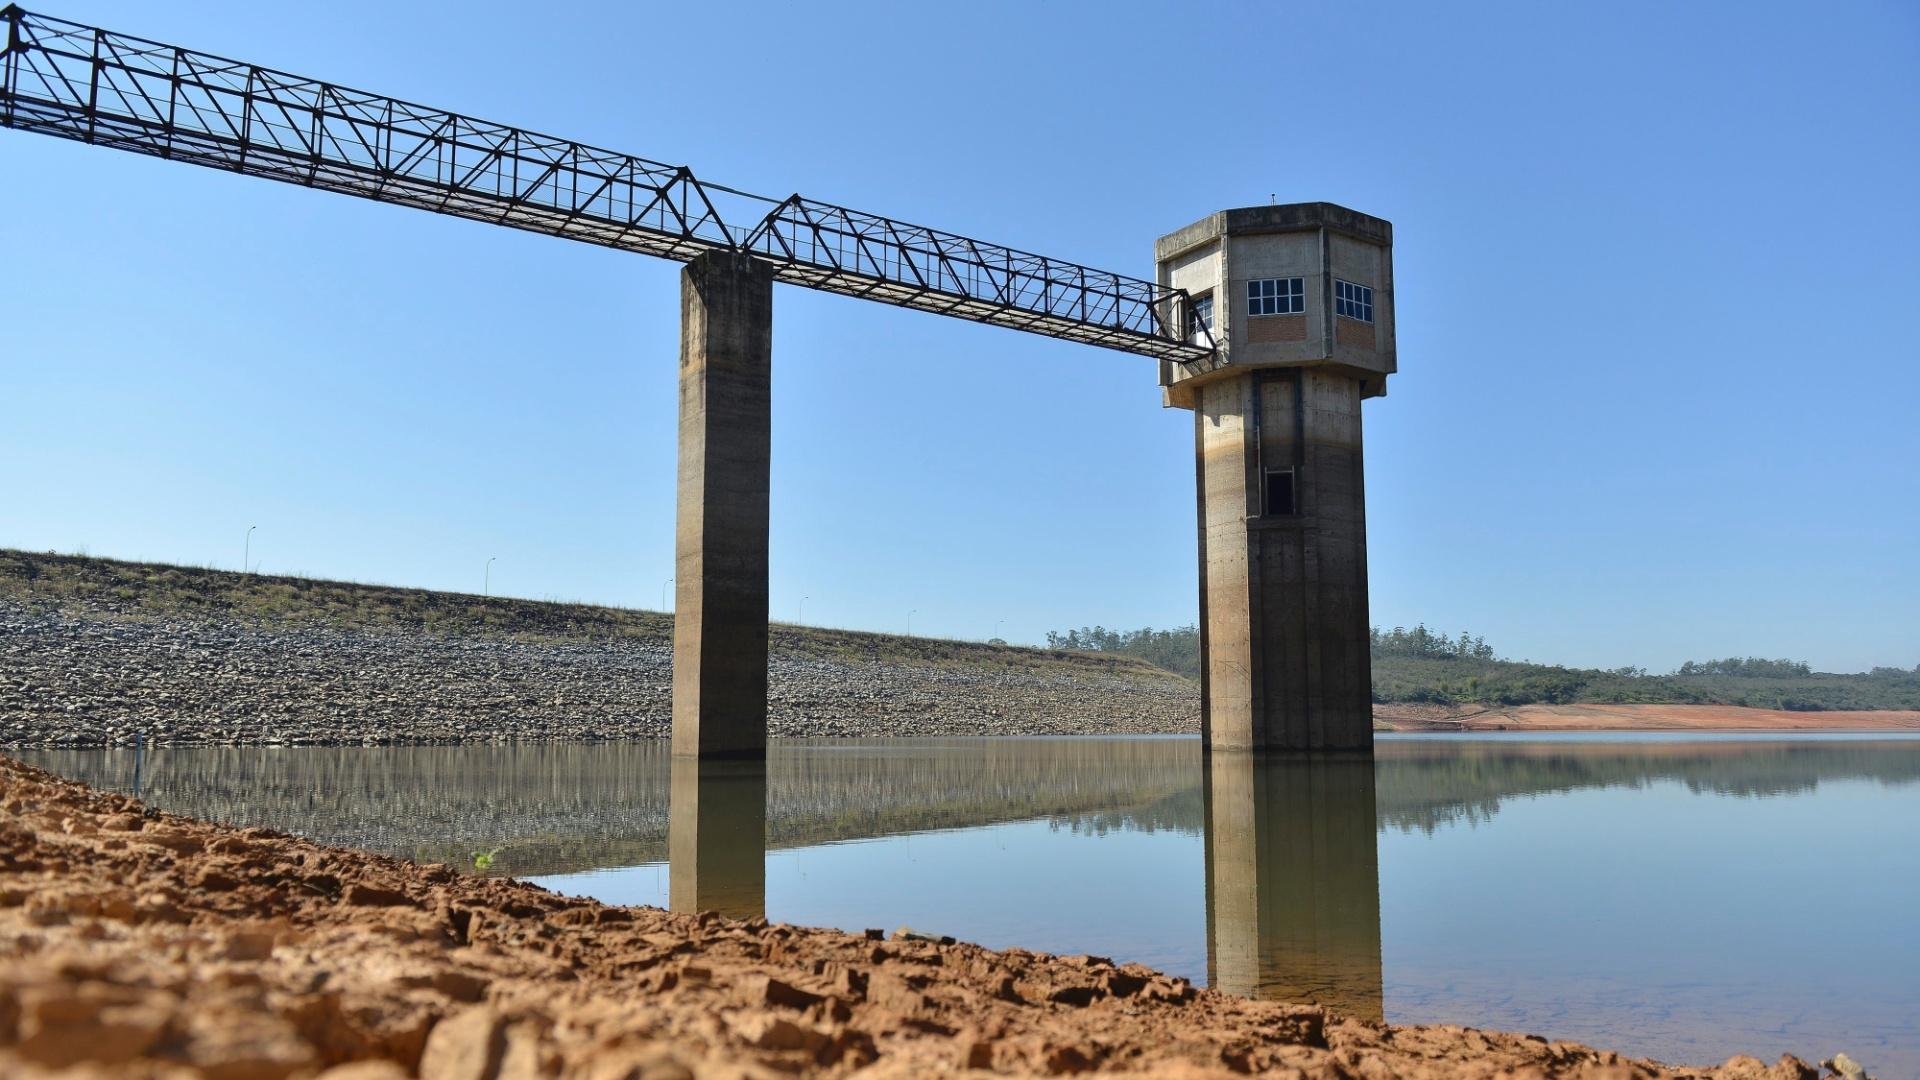 28.mai.2015 - Falta de chuvas reduziu o nível do reservatório Serra Azul, responsável pelo abastecimento de Belo Horizonte e dos municípios da região metropolitana, em Minas Gerais. A imagem foi feita nesta quinta-feira (28)